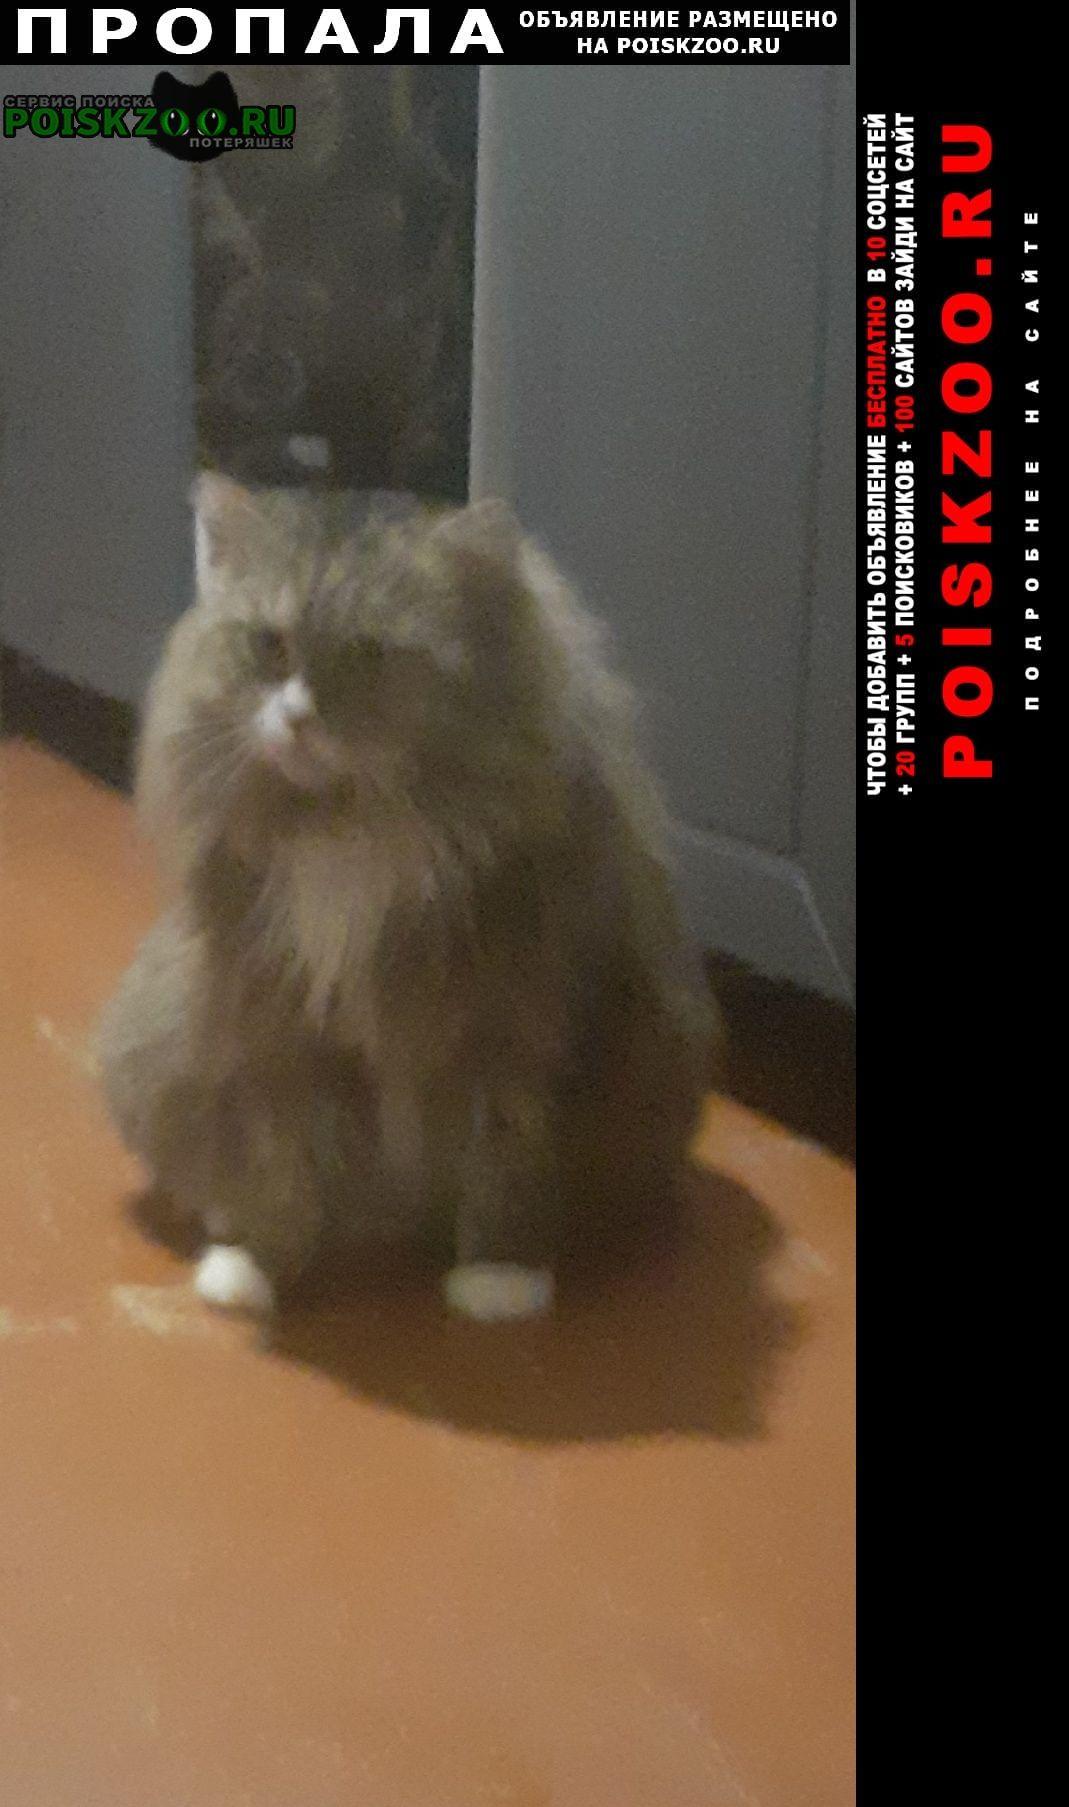 Дубна (Тульская обл.) Пропала кошка кот